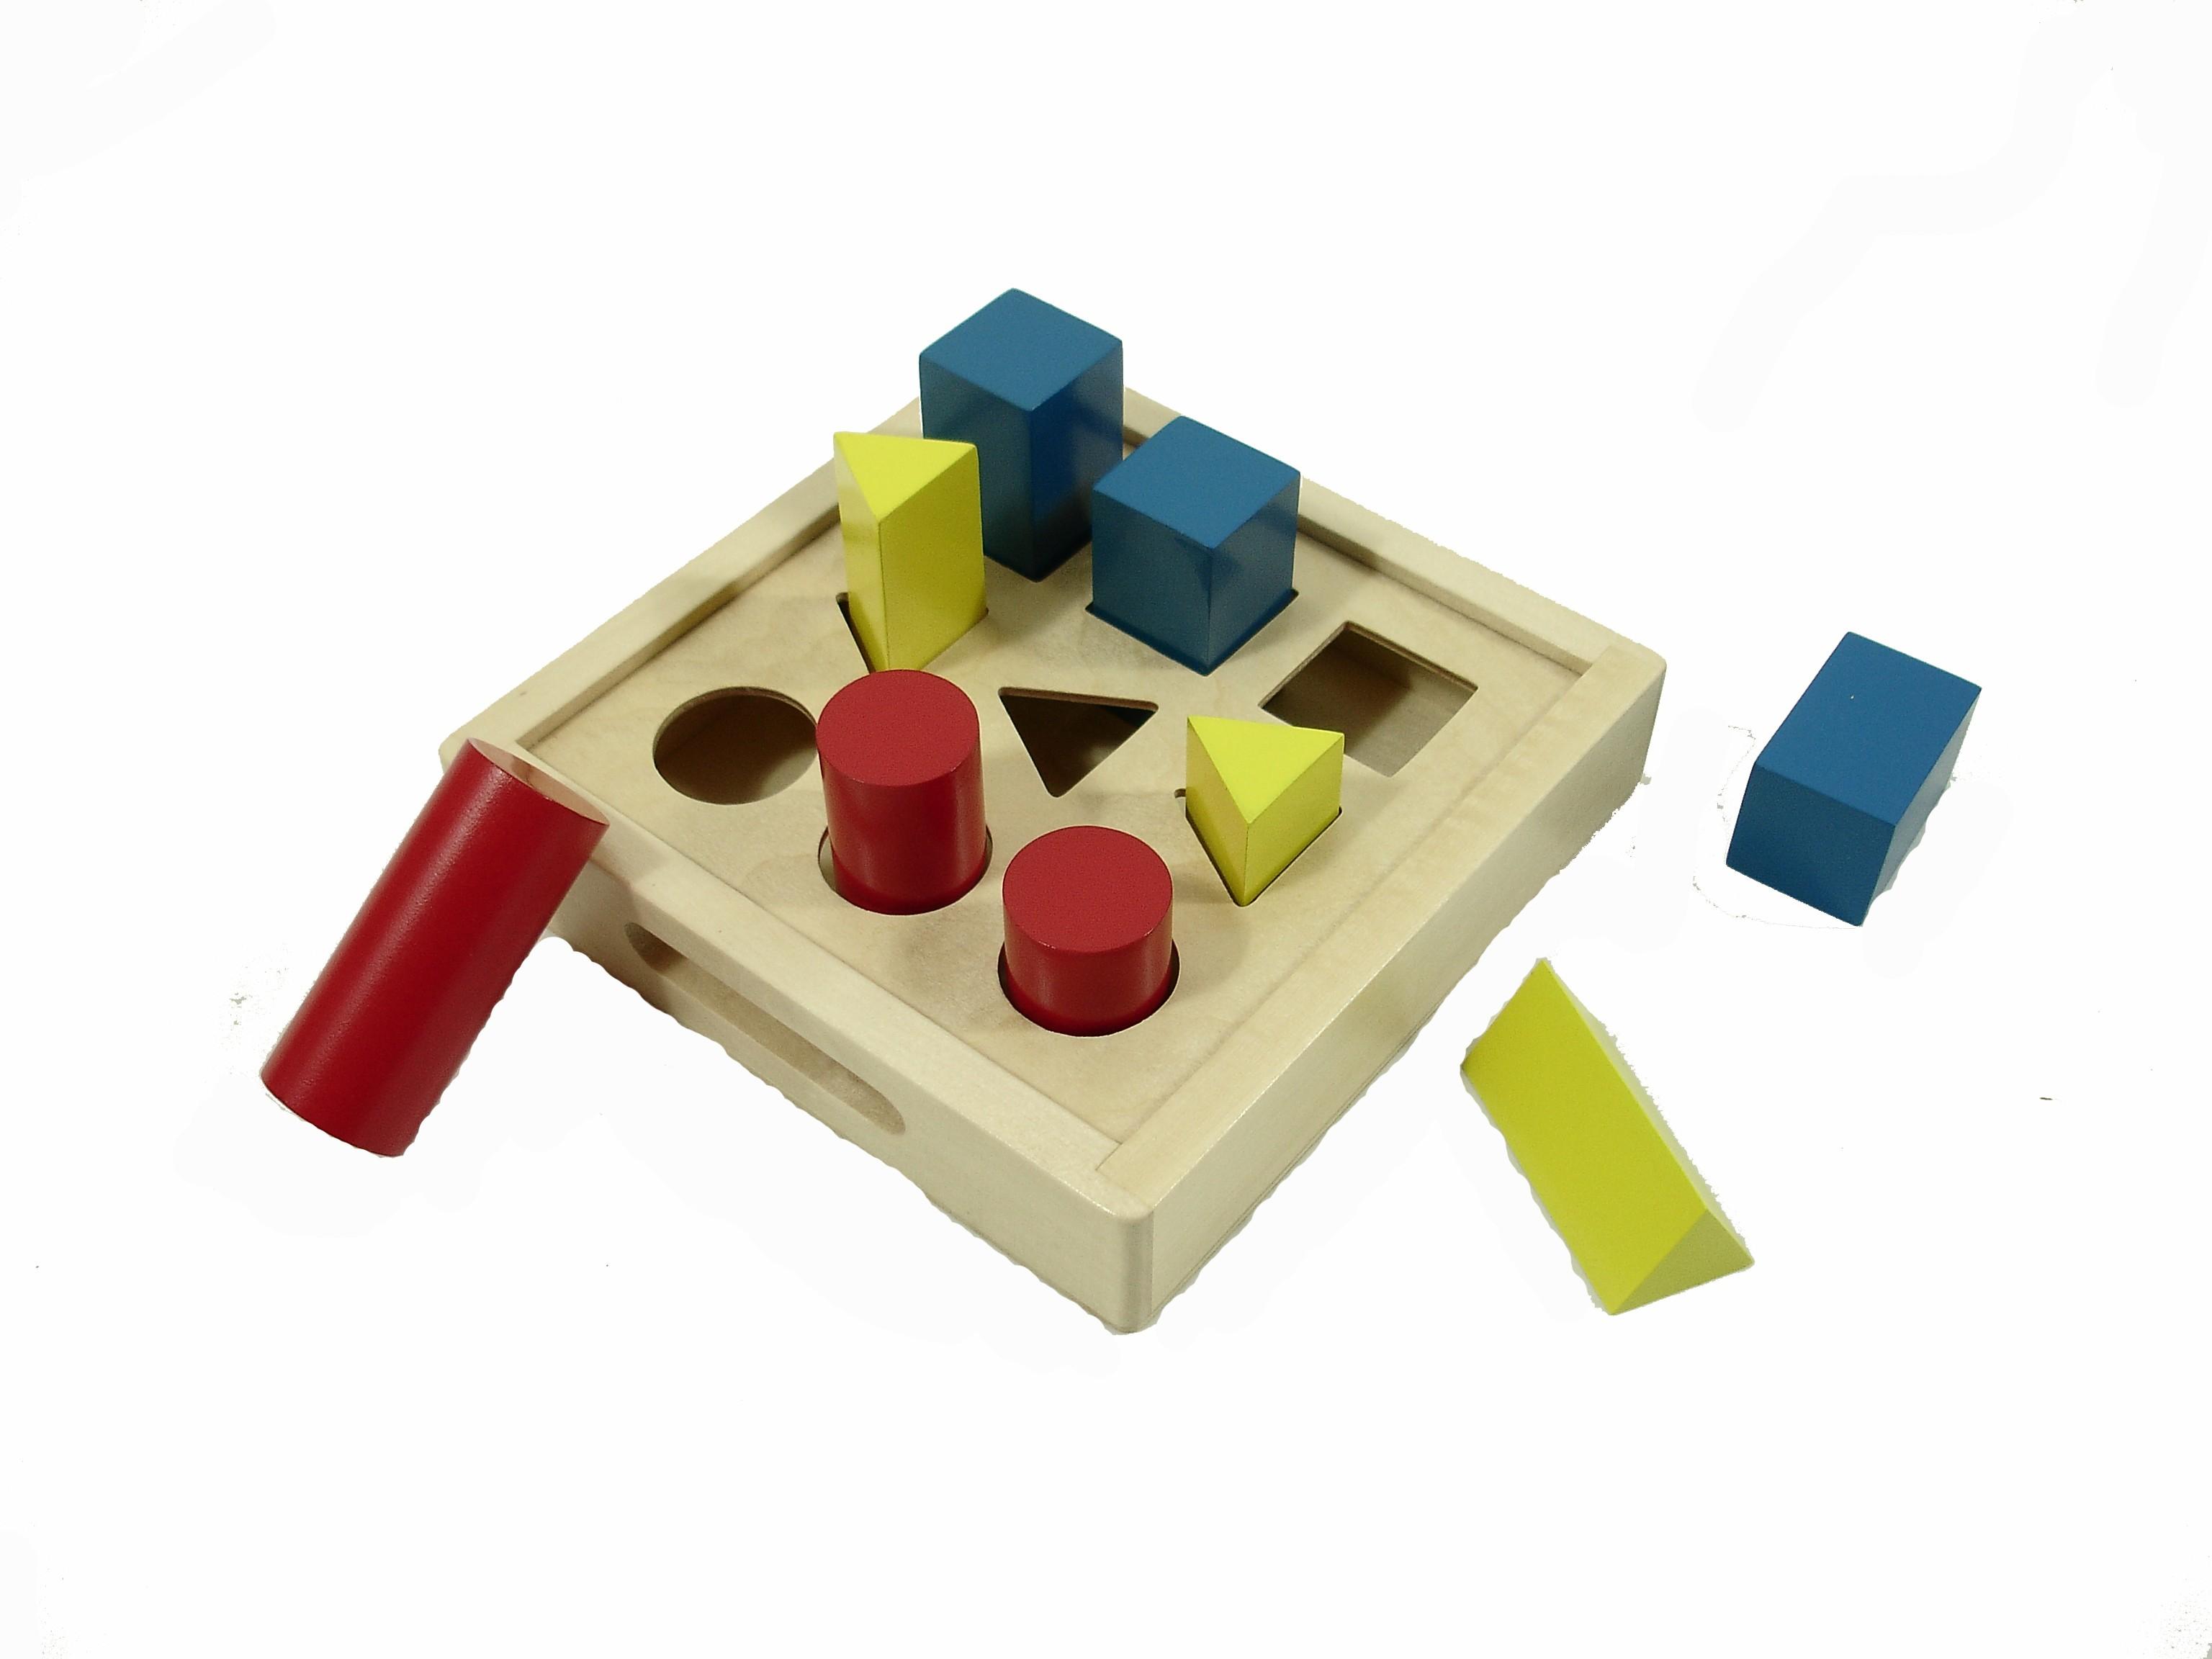 Žebřík - 3 tvary, 3 barvy